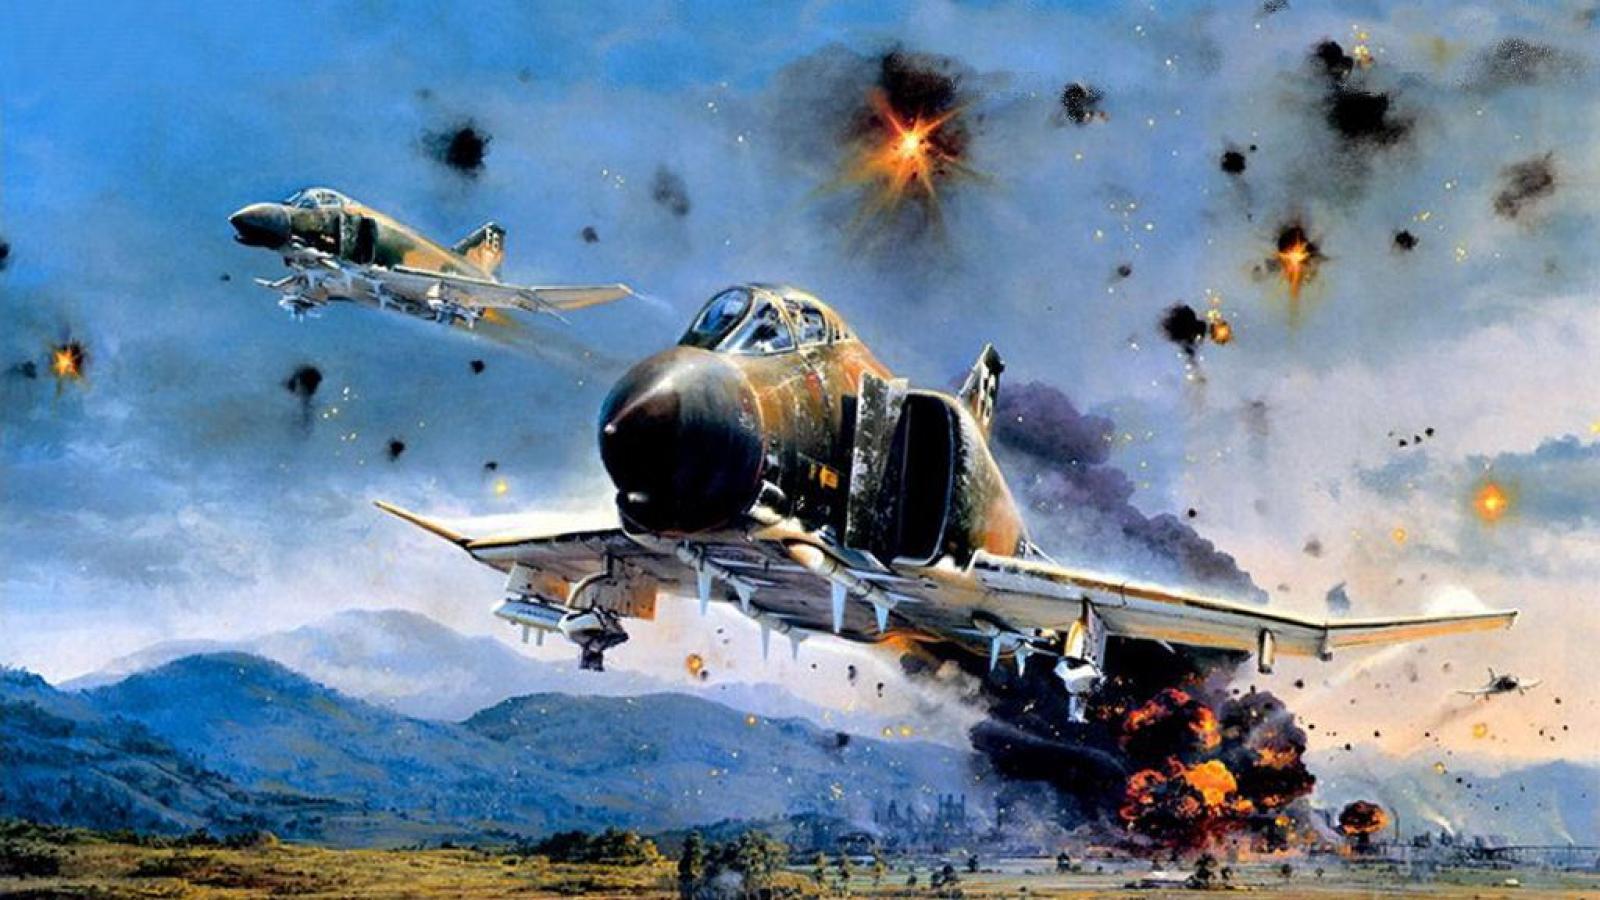 Aviation Art Wallpaper - WallpaperSafari